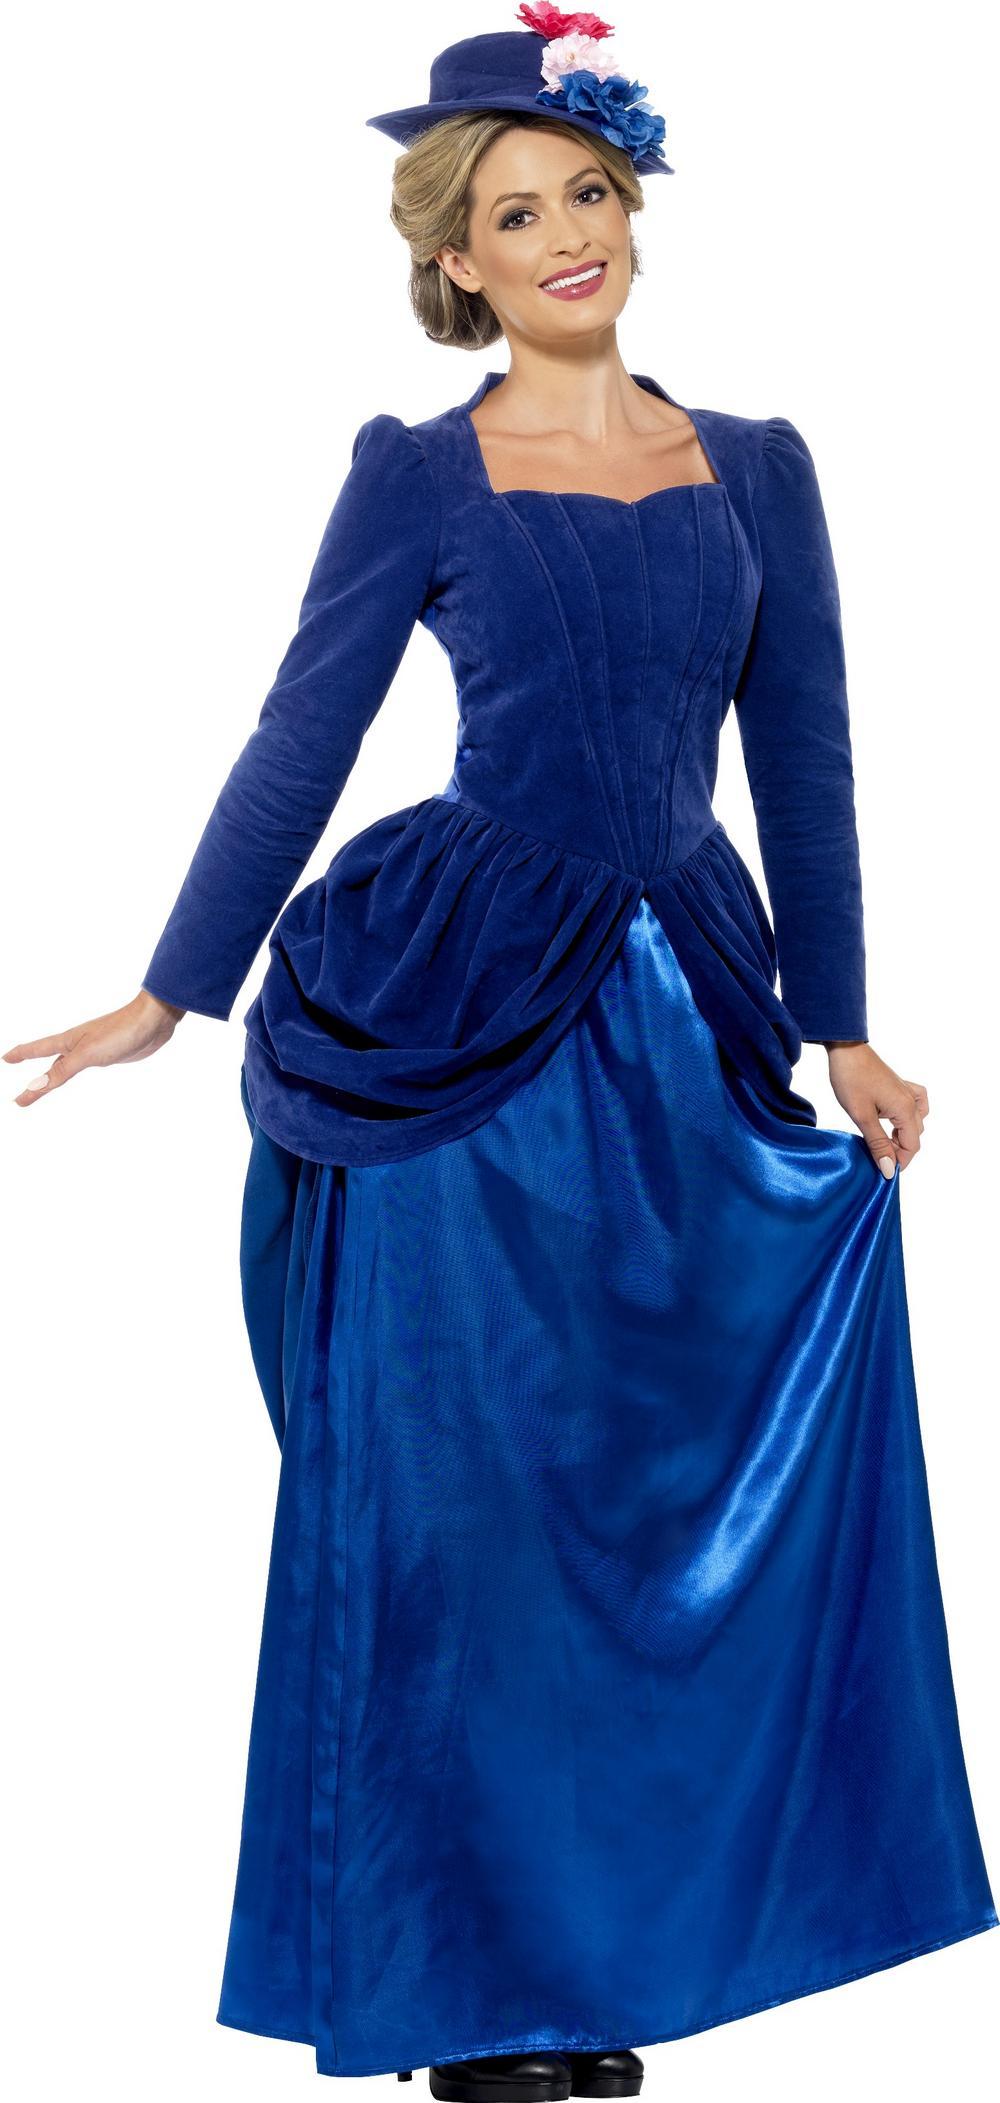 Victorian Vixen Deluxe Costume